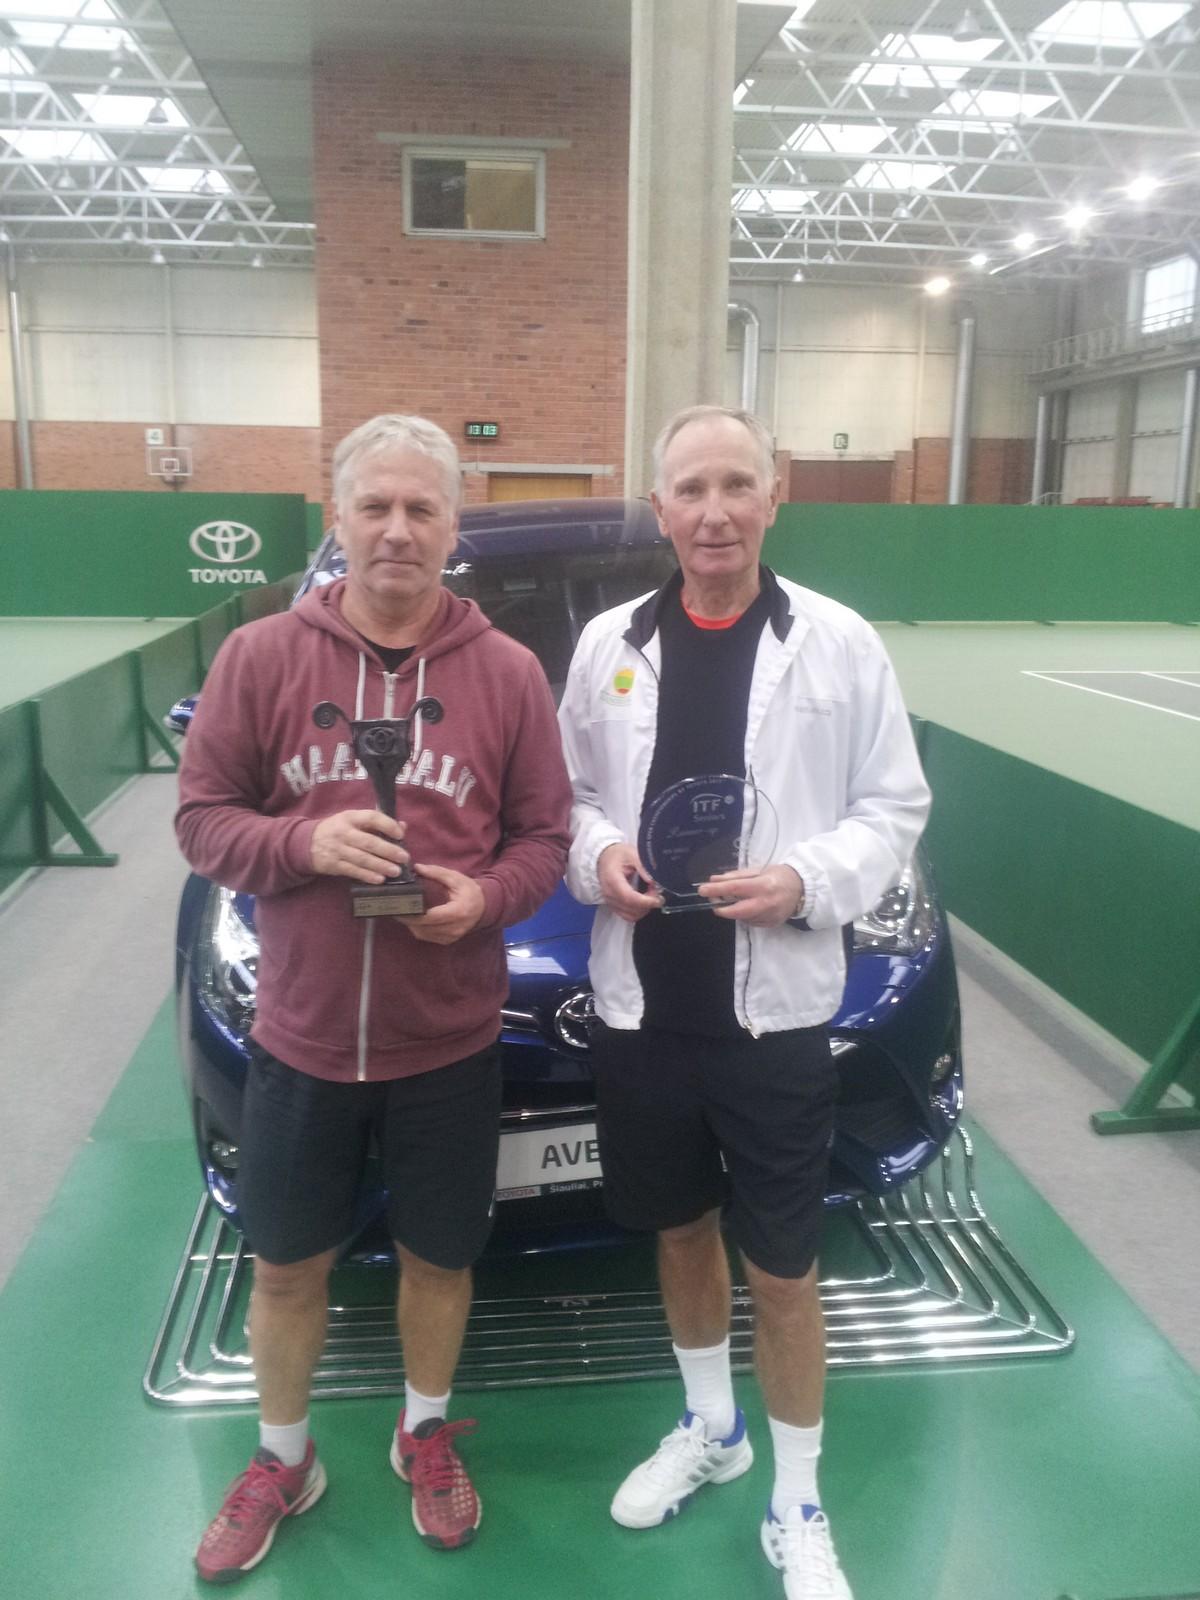 Rahvusvahelise ITF turniirivõit Haapsallu!